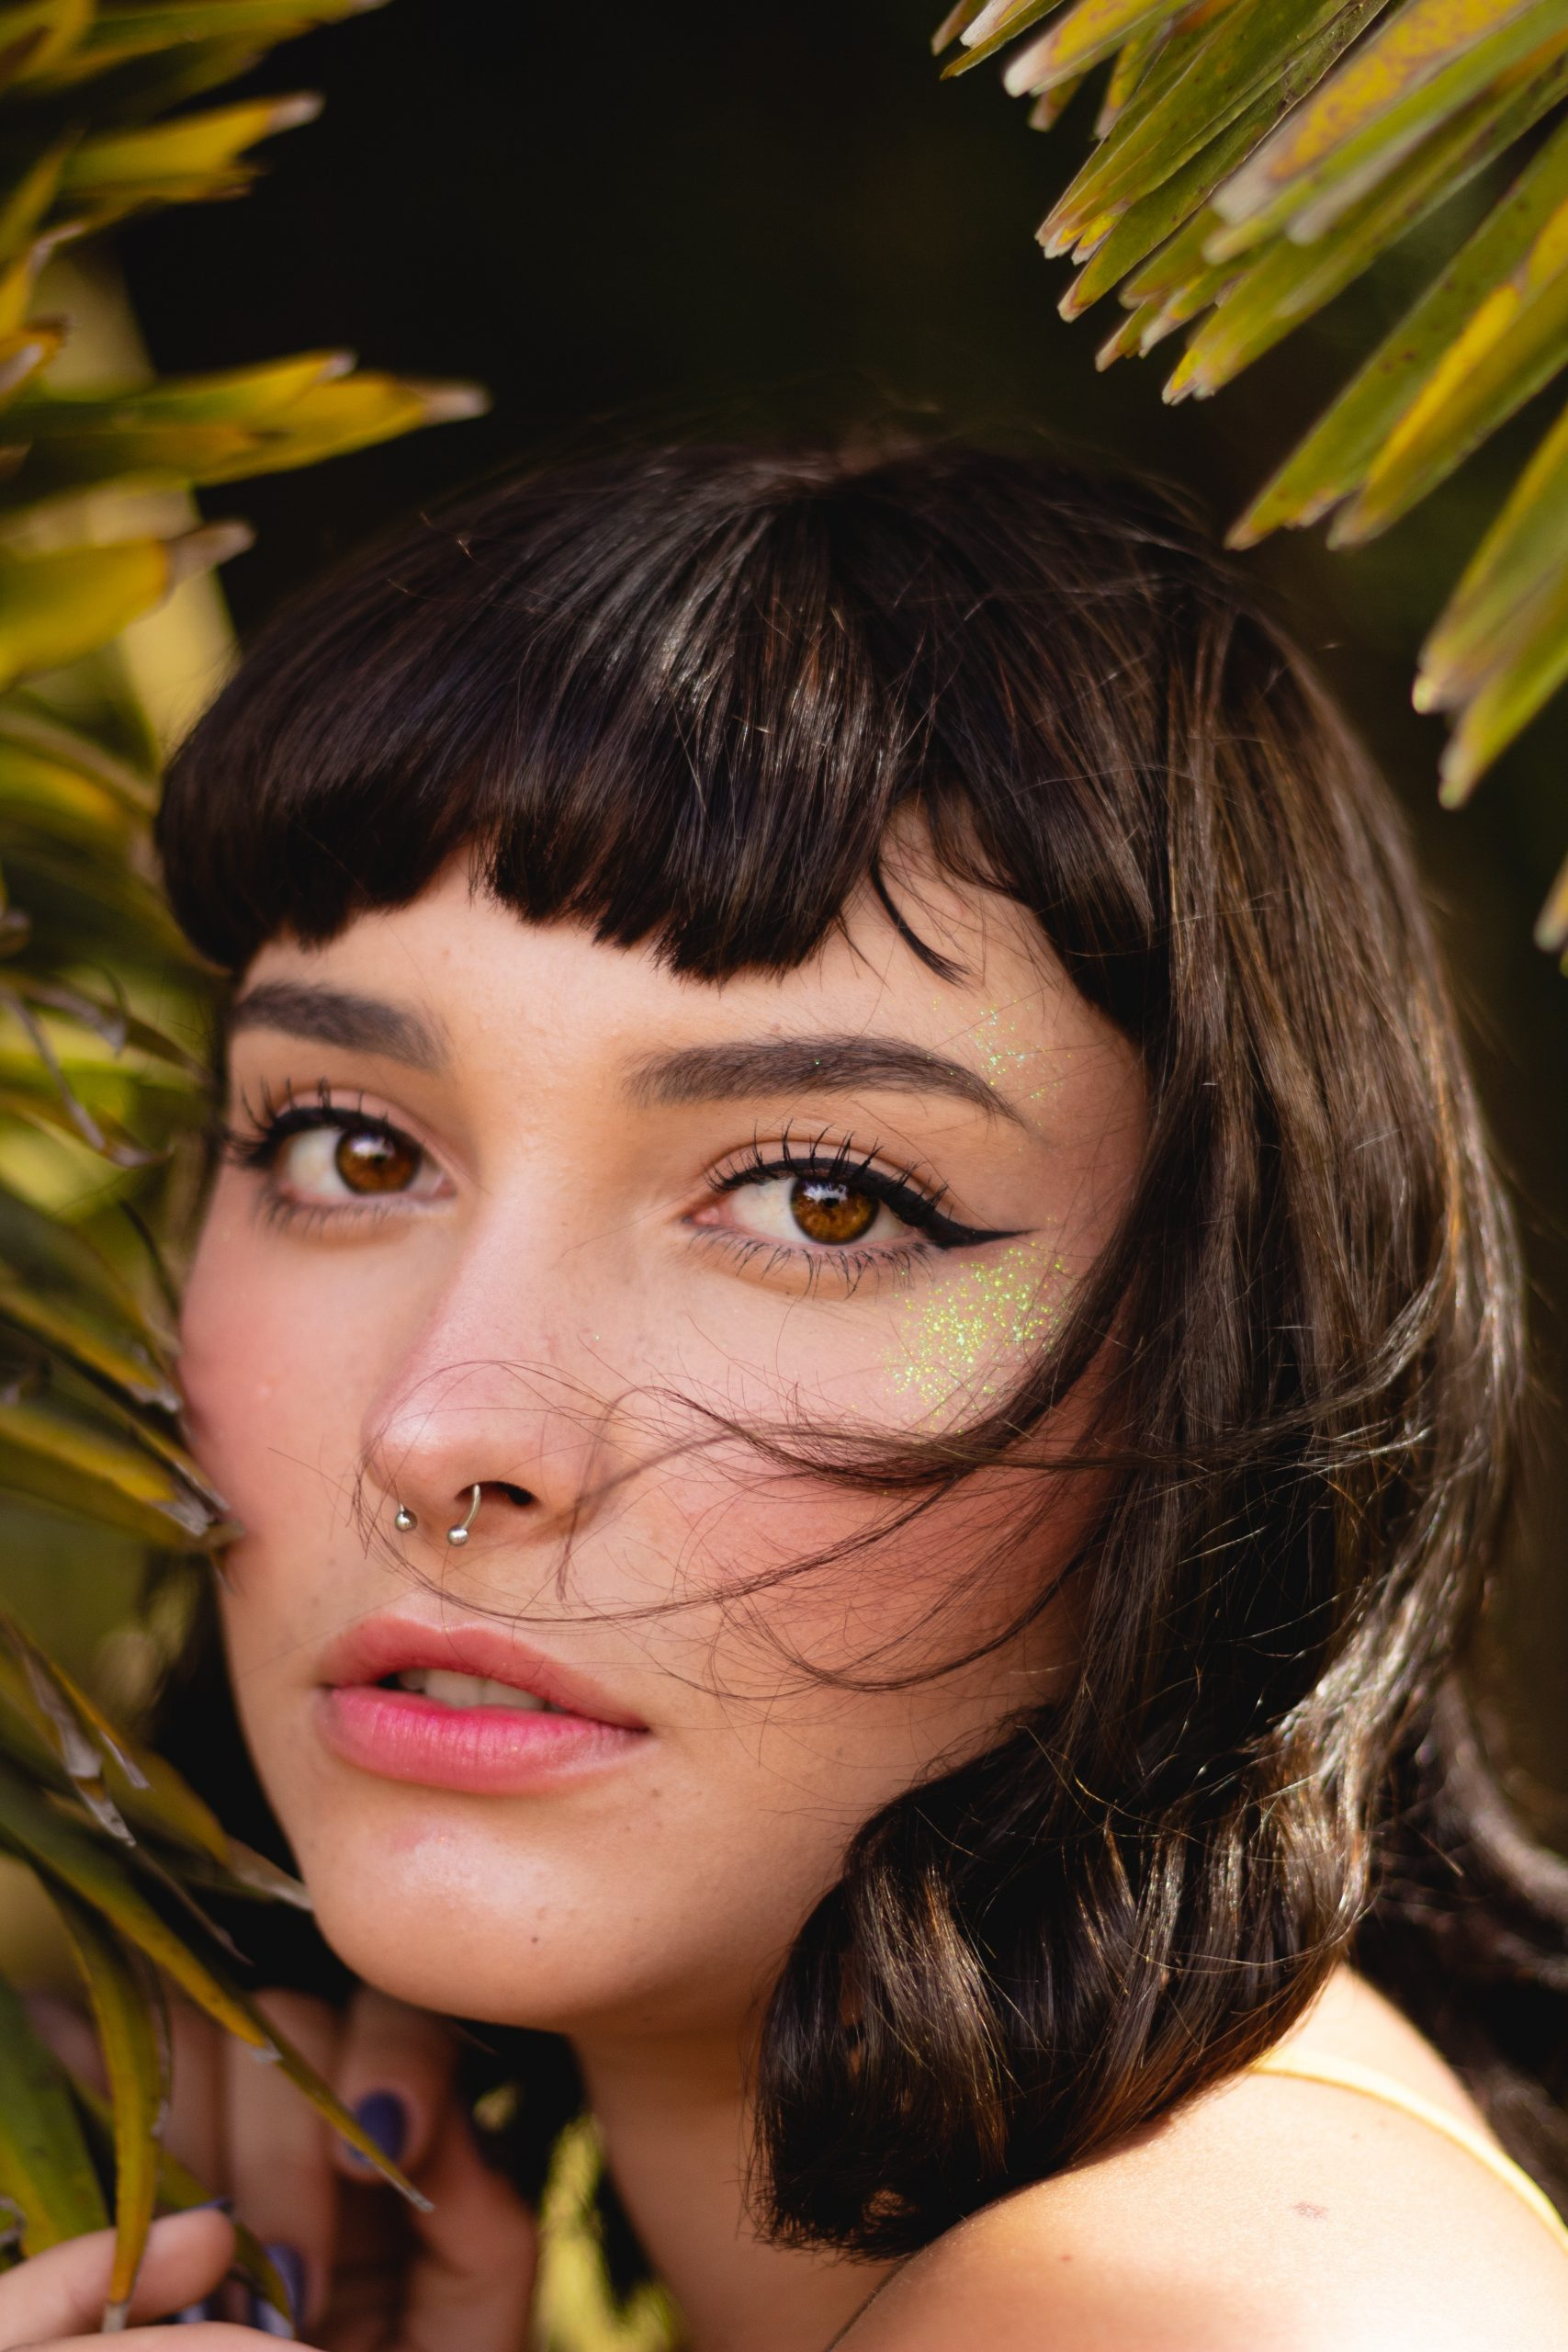 Letícia Herba | Bruno Thethe stare